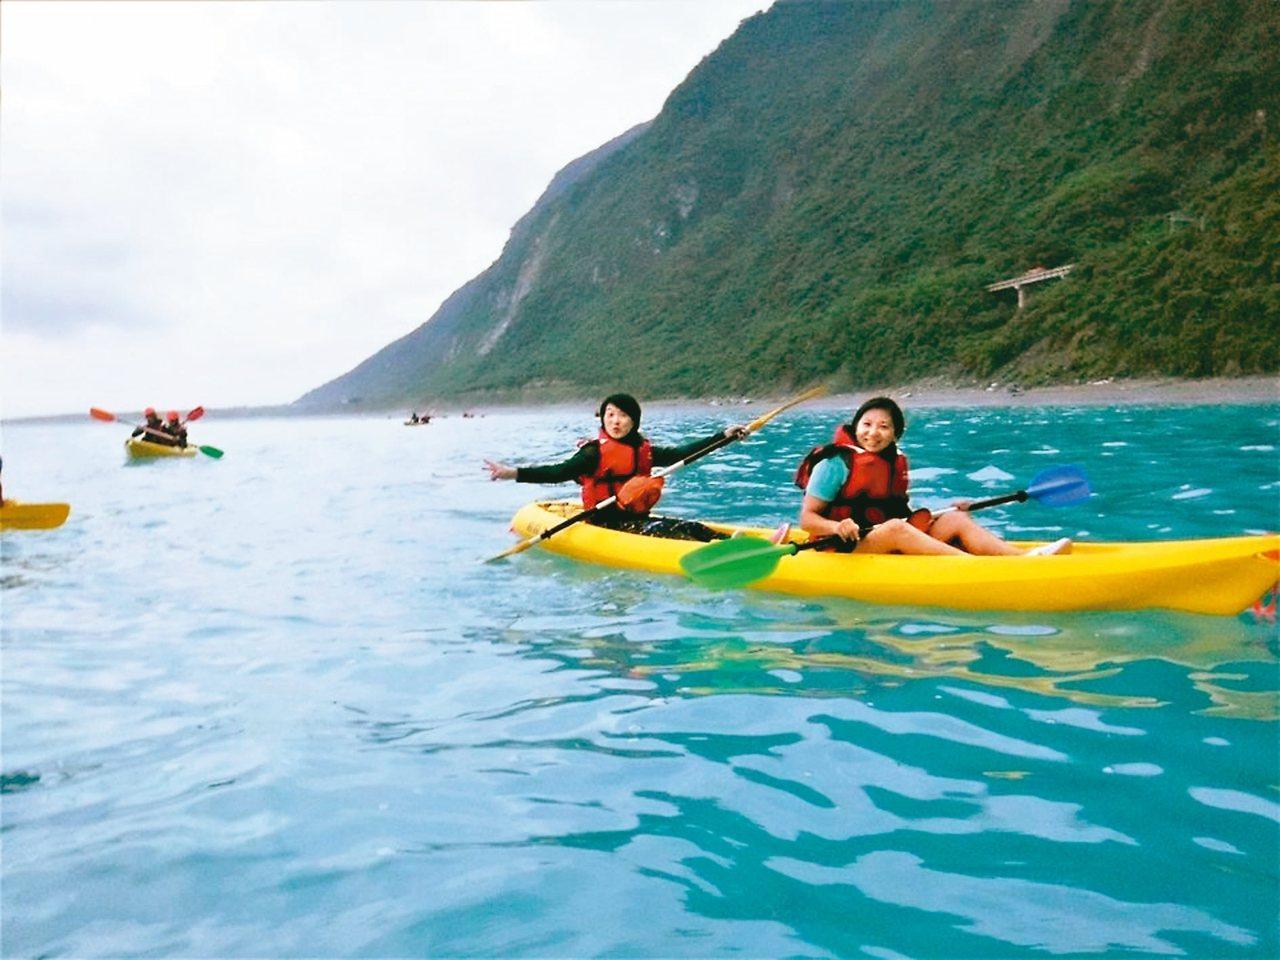 花蓮海上獨木舟刺激也考驗體力,近年相當風行,深受年輕族群喜愛。 圖/船說獨木舟提...